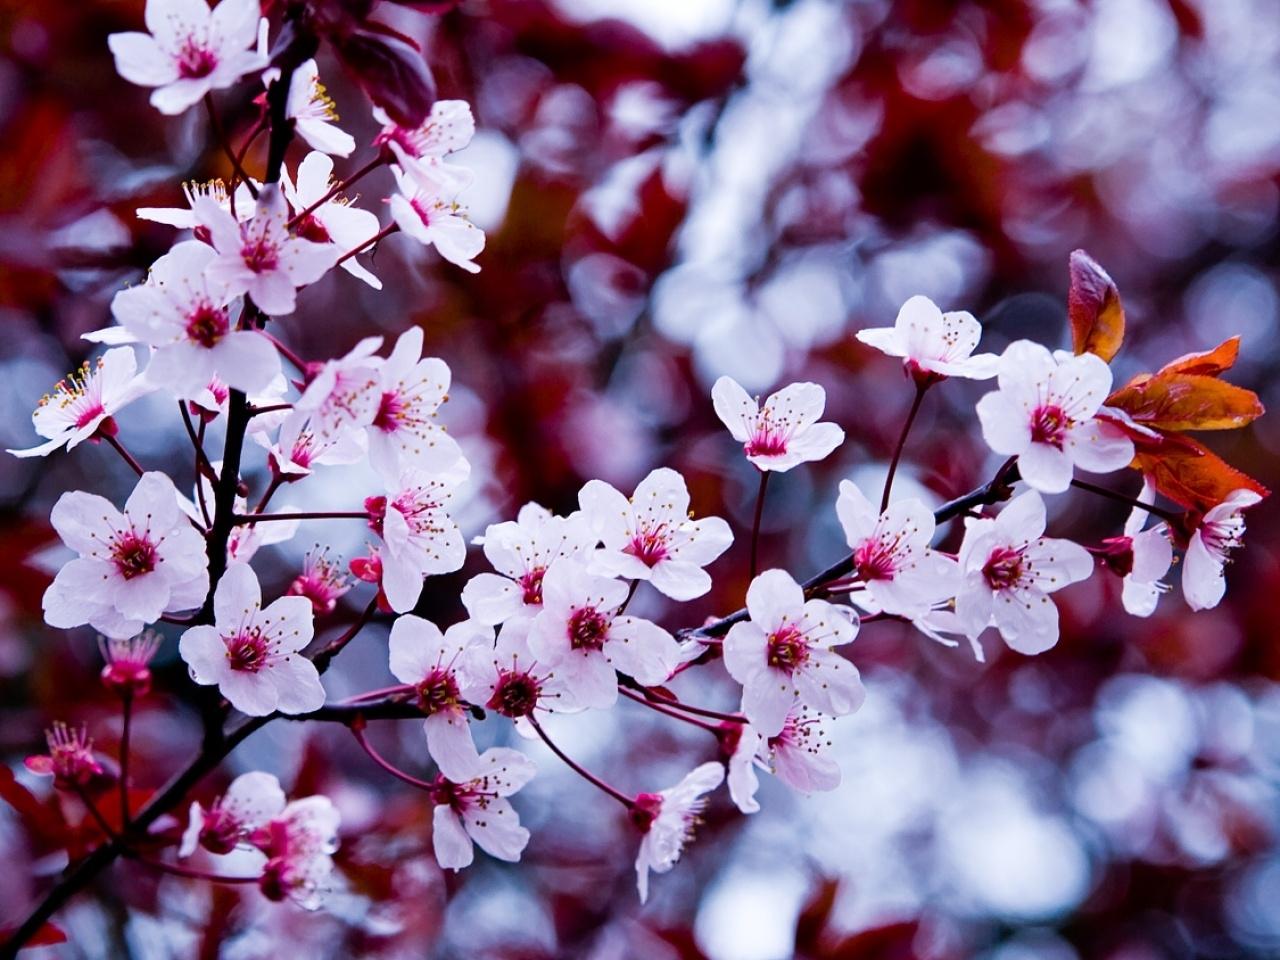 23503 descargar fondo de pantalla Plantas, Flores, Árboles, Sakura: protectores de pantalla e imágenes gratis